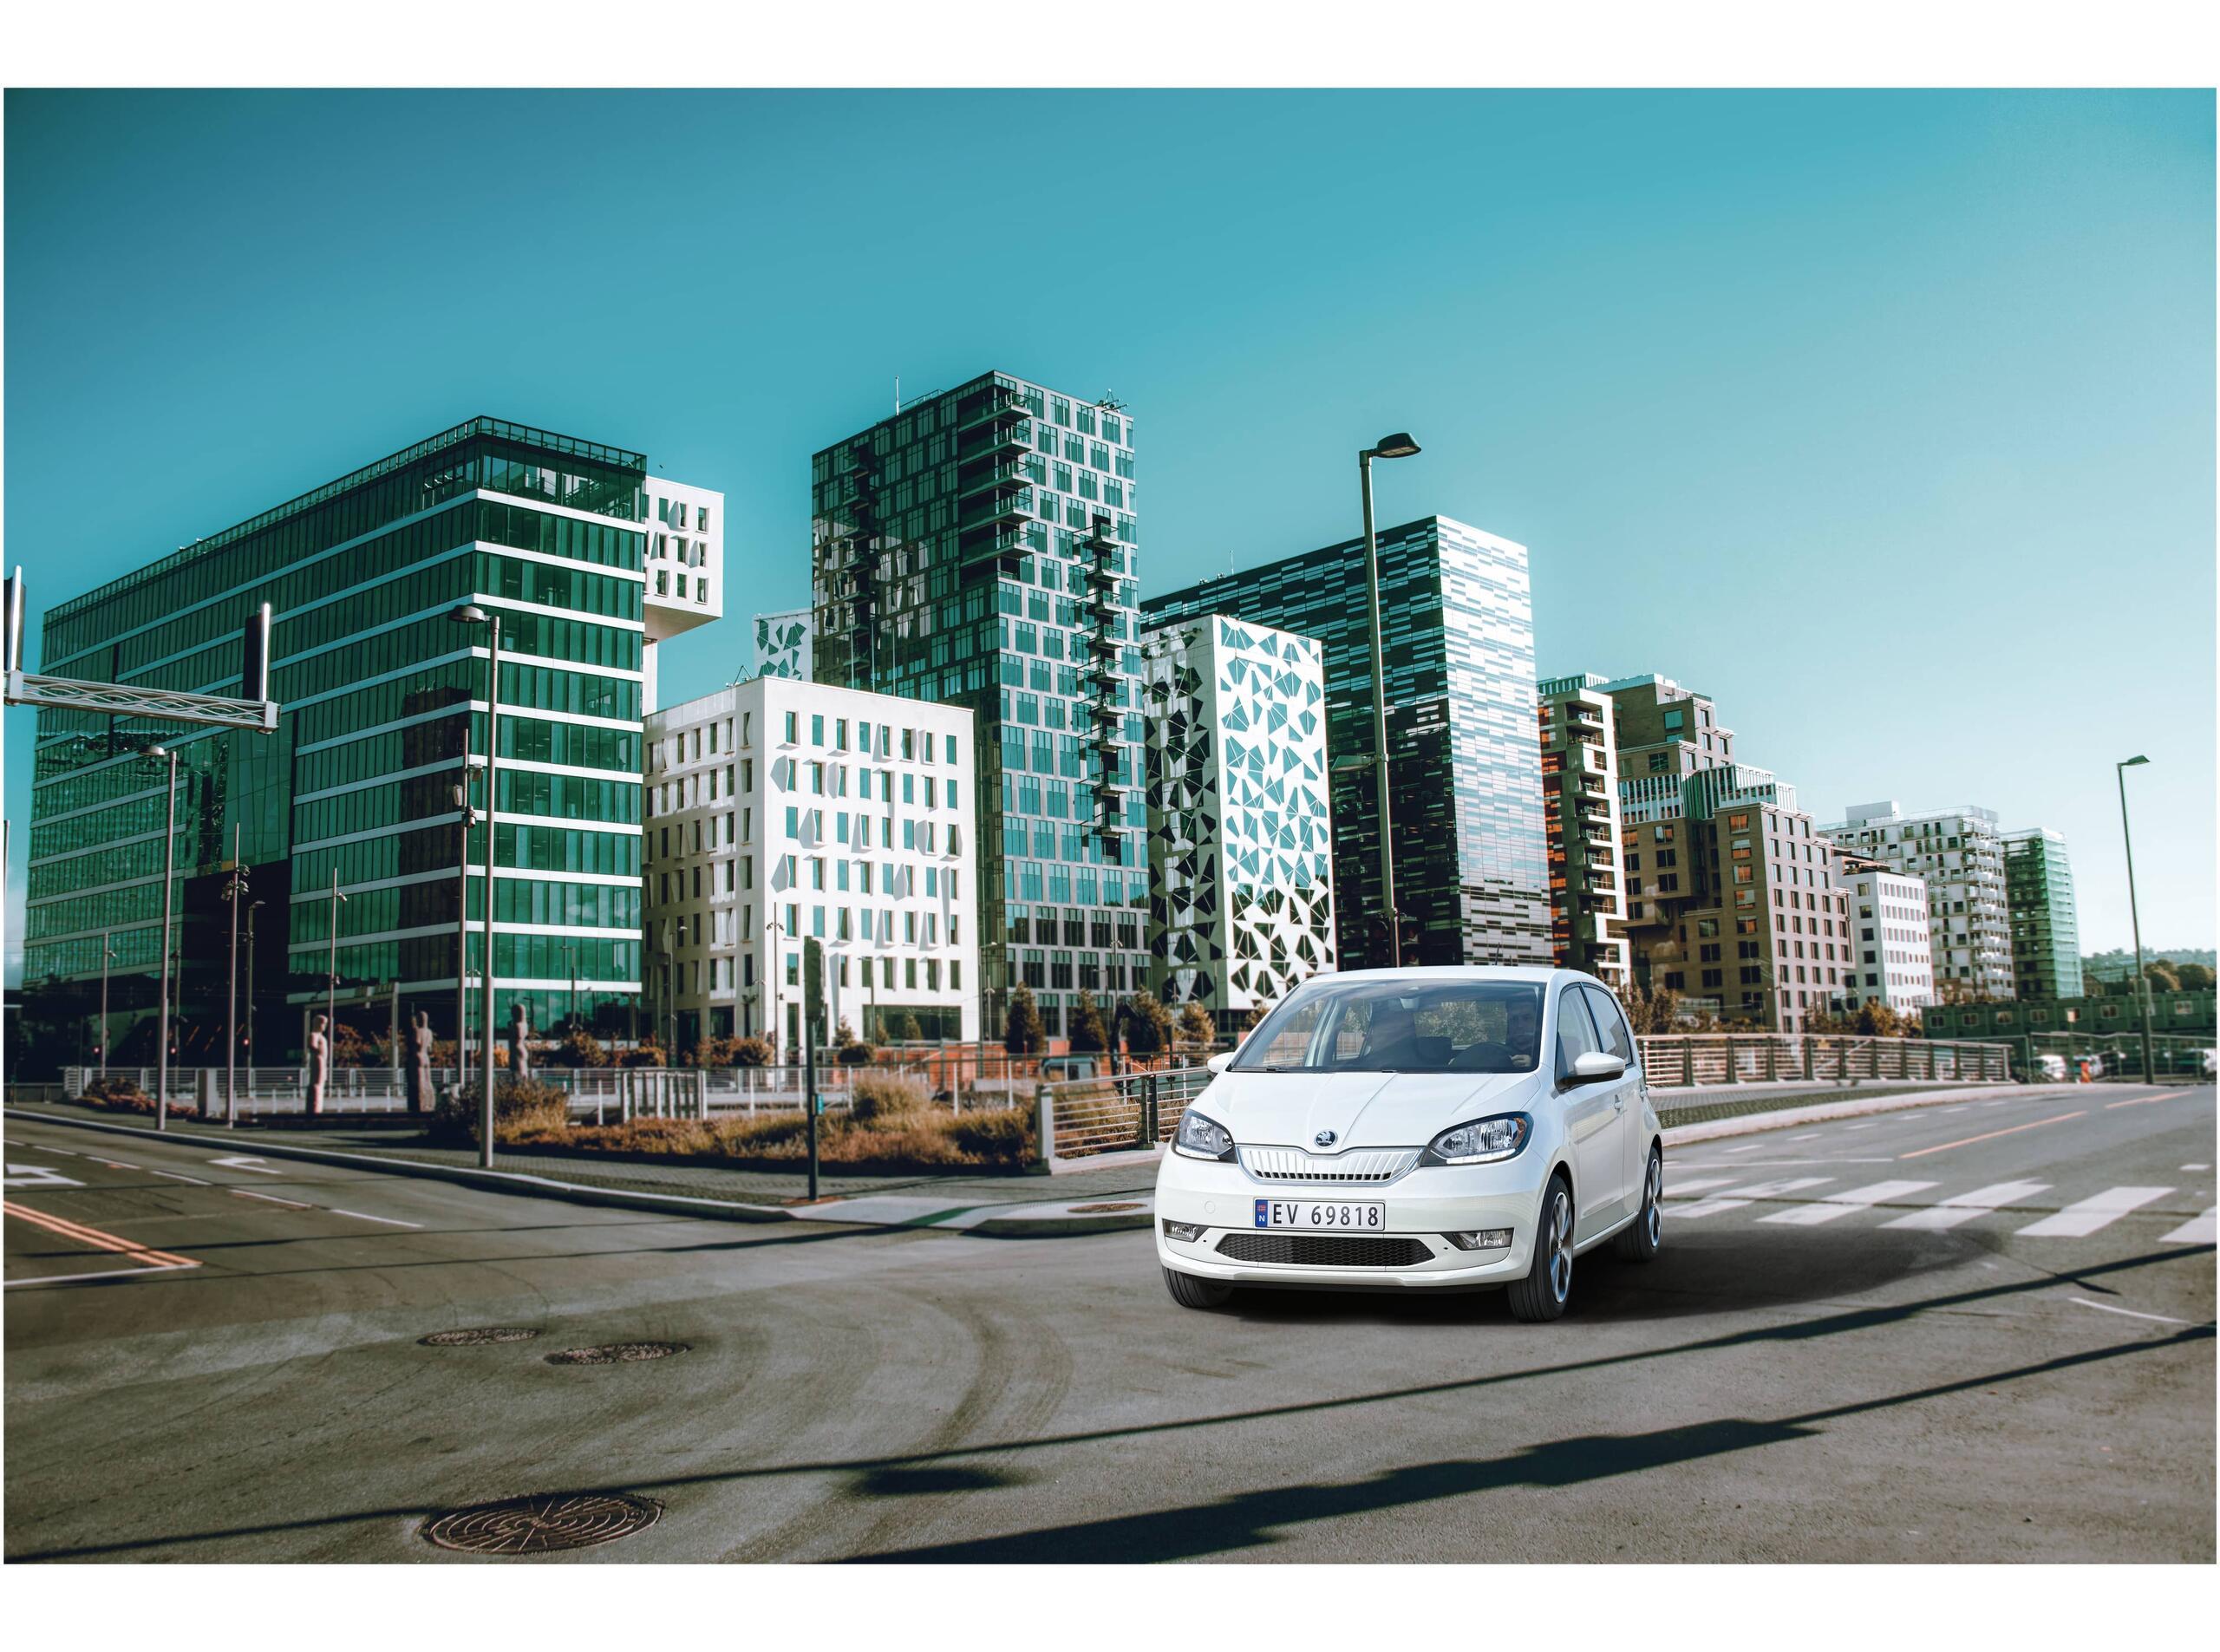 Hvit bil kjører på veien i Oslo